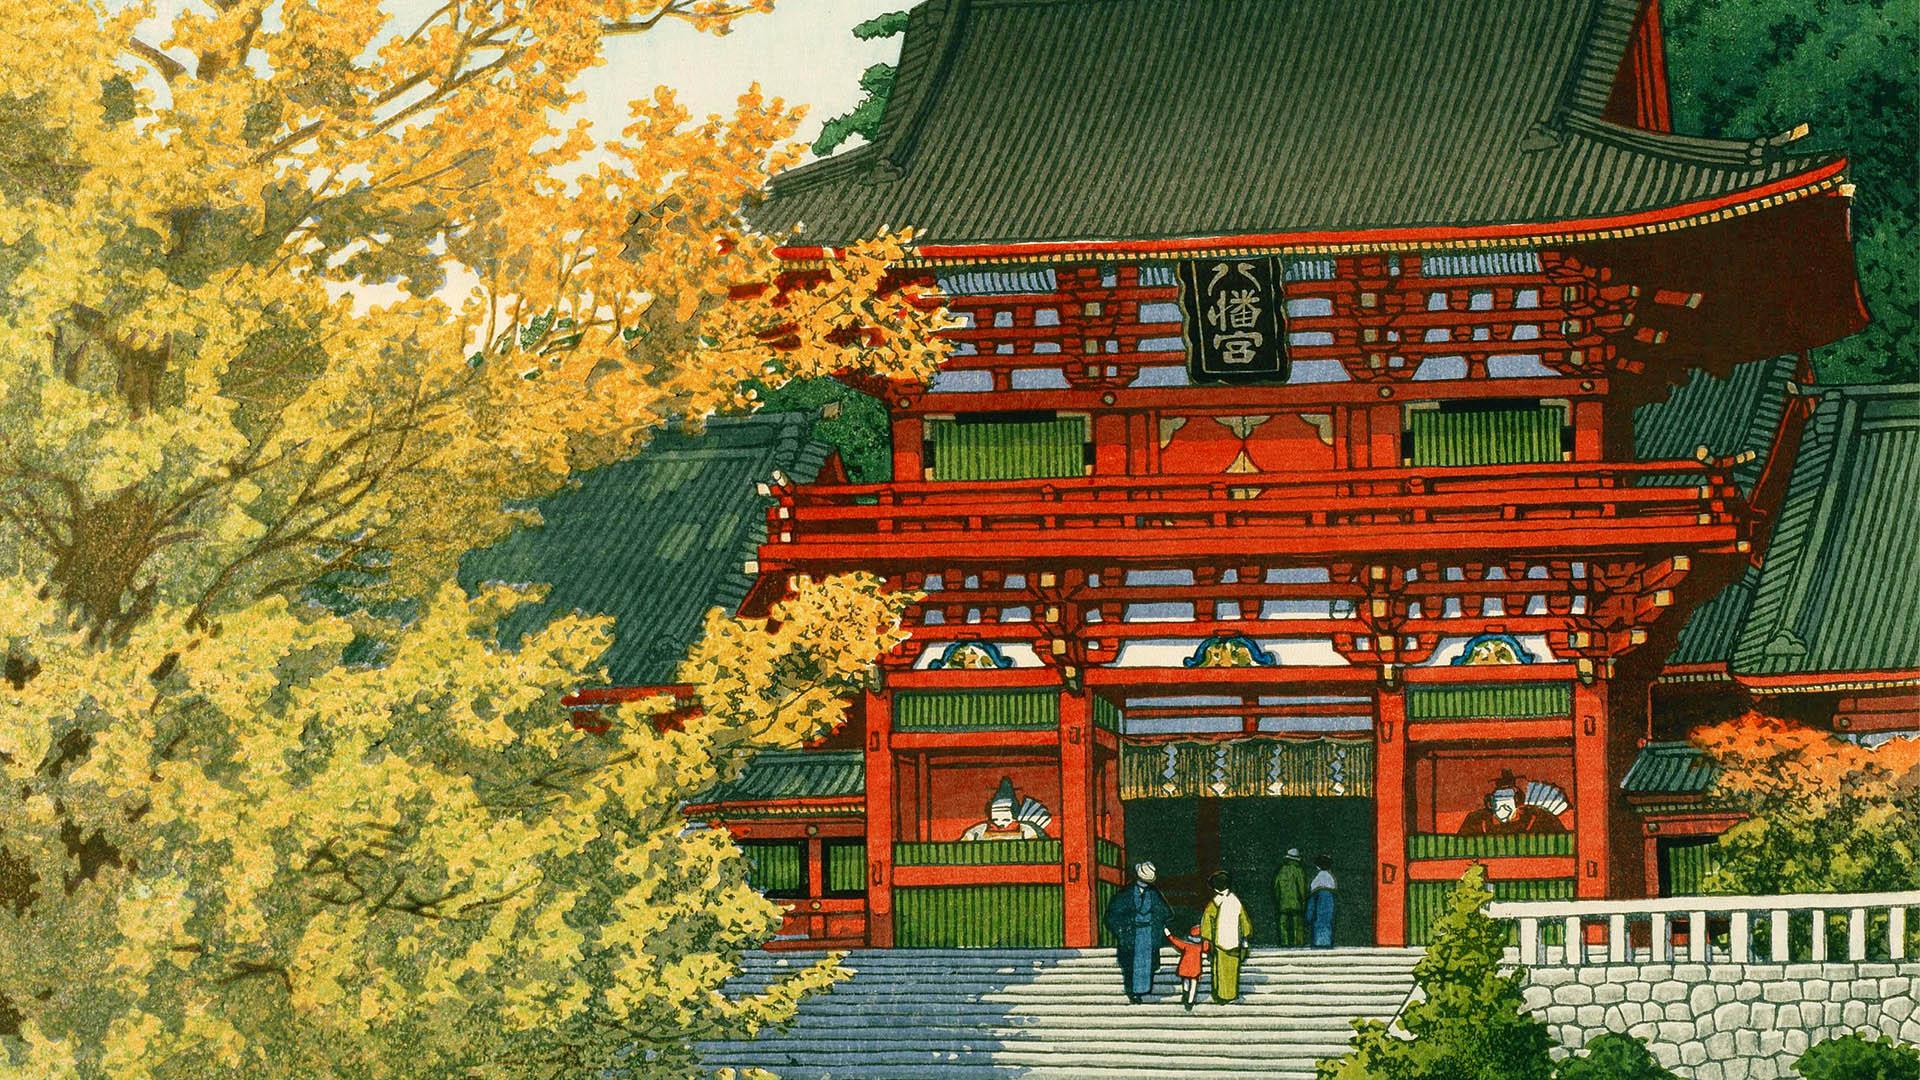 Kawase Hasui - Tsuruoka hachimangu 1920x1080